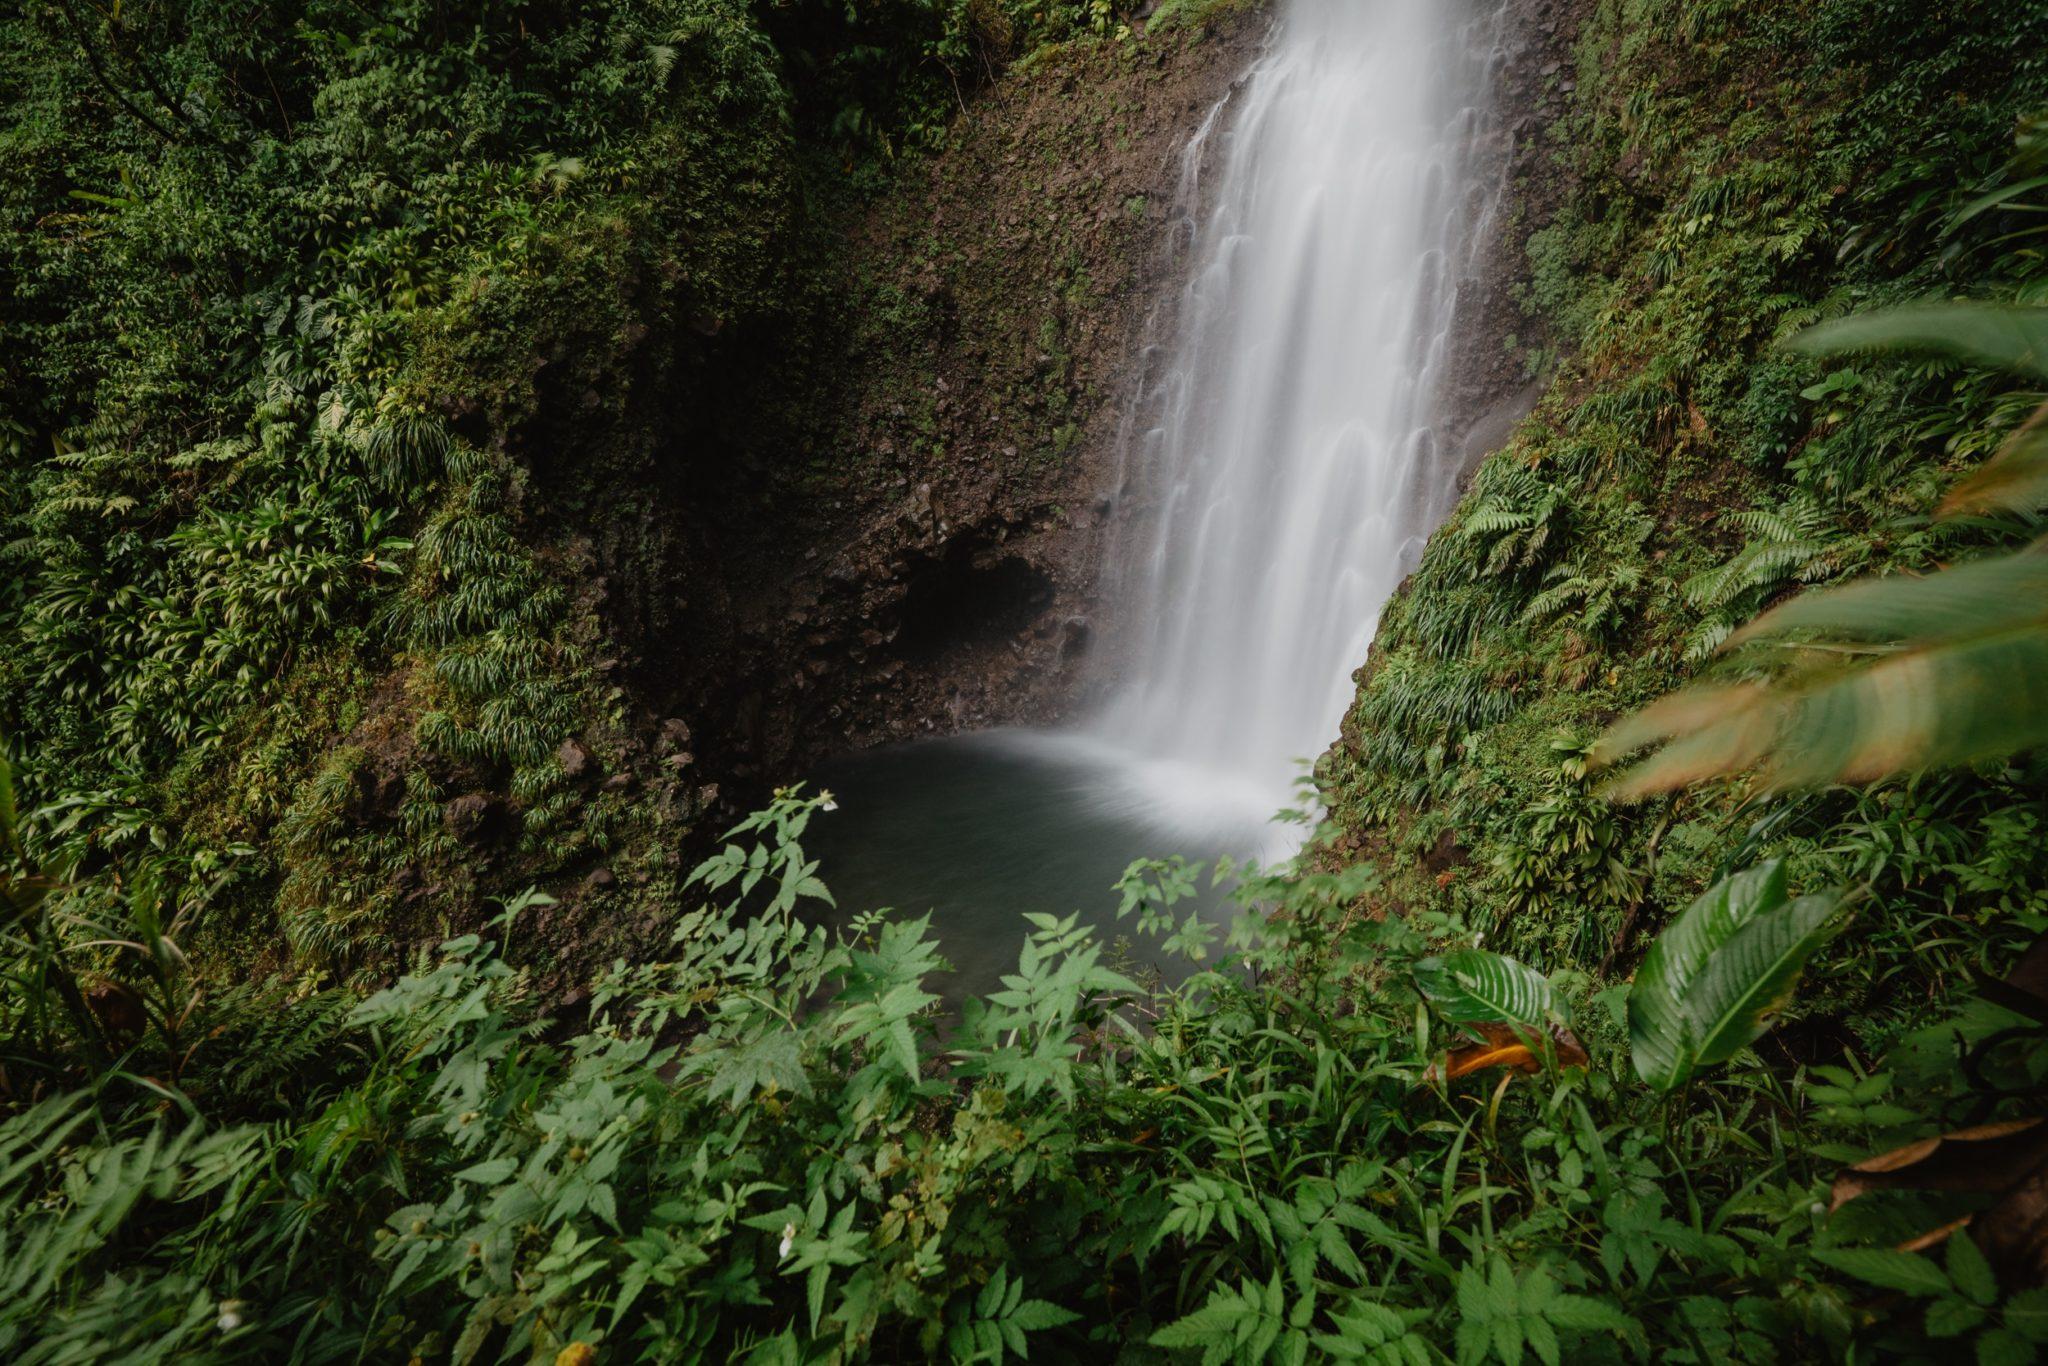 Middleham Falls, Dominique